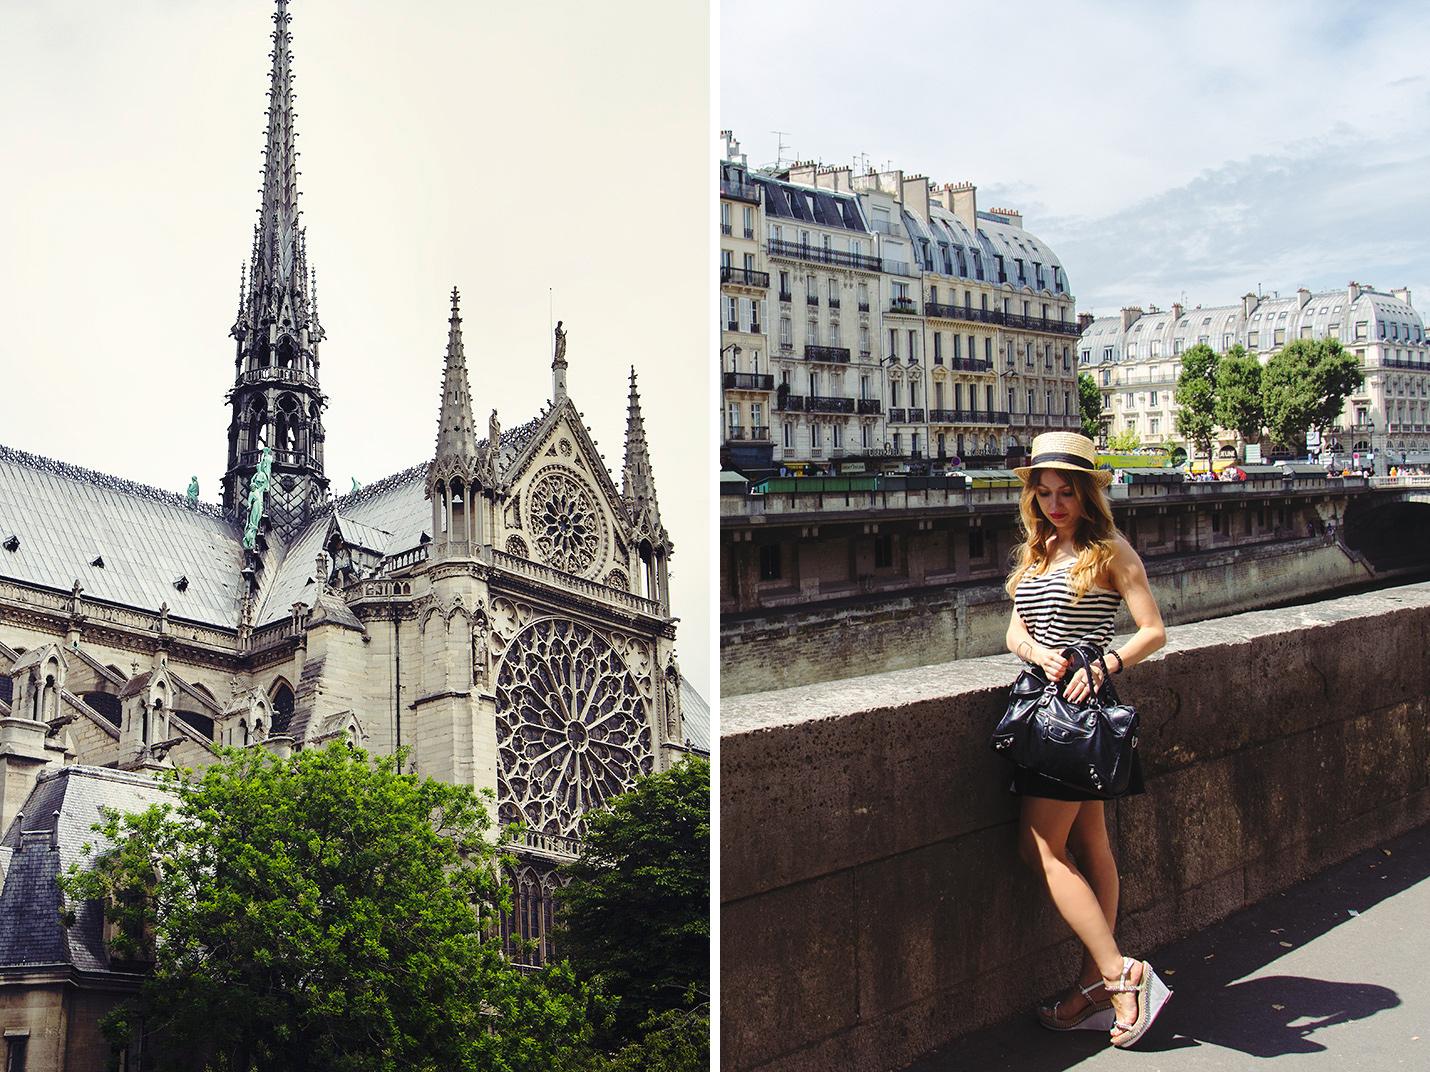 notre dame, notre dame de, belle notre dame de paris, notre dame de paris, собор богоматери, собор парижской богоматери, парижской богоматери, собор парижской